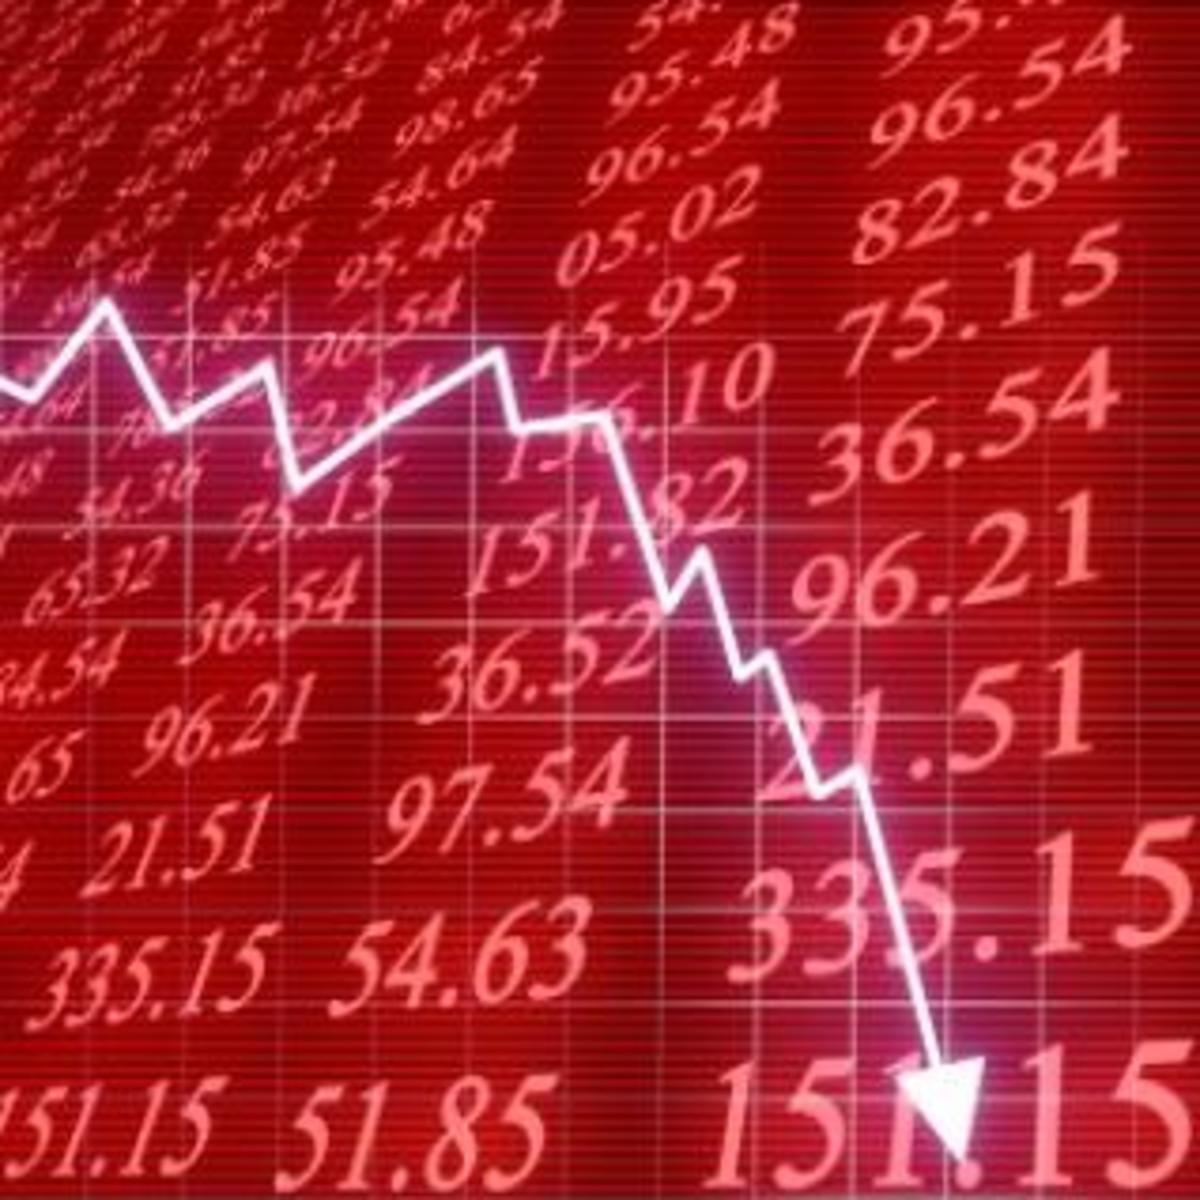 Πτώση -0,74% στο Χρηματιστήριο πτώση στα spreads | Newsit.gr